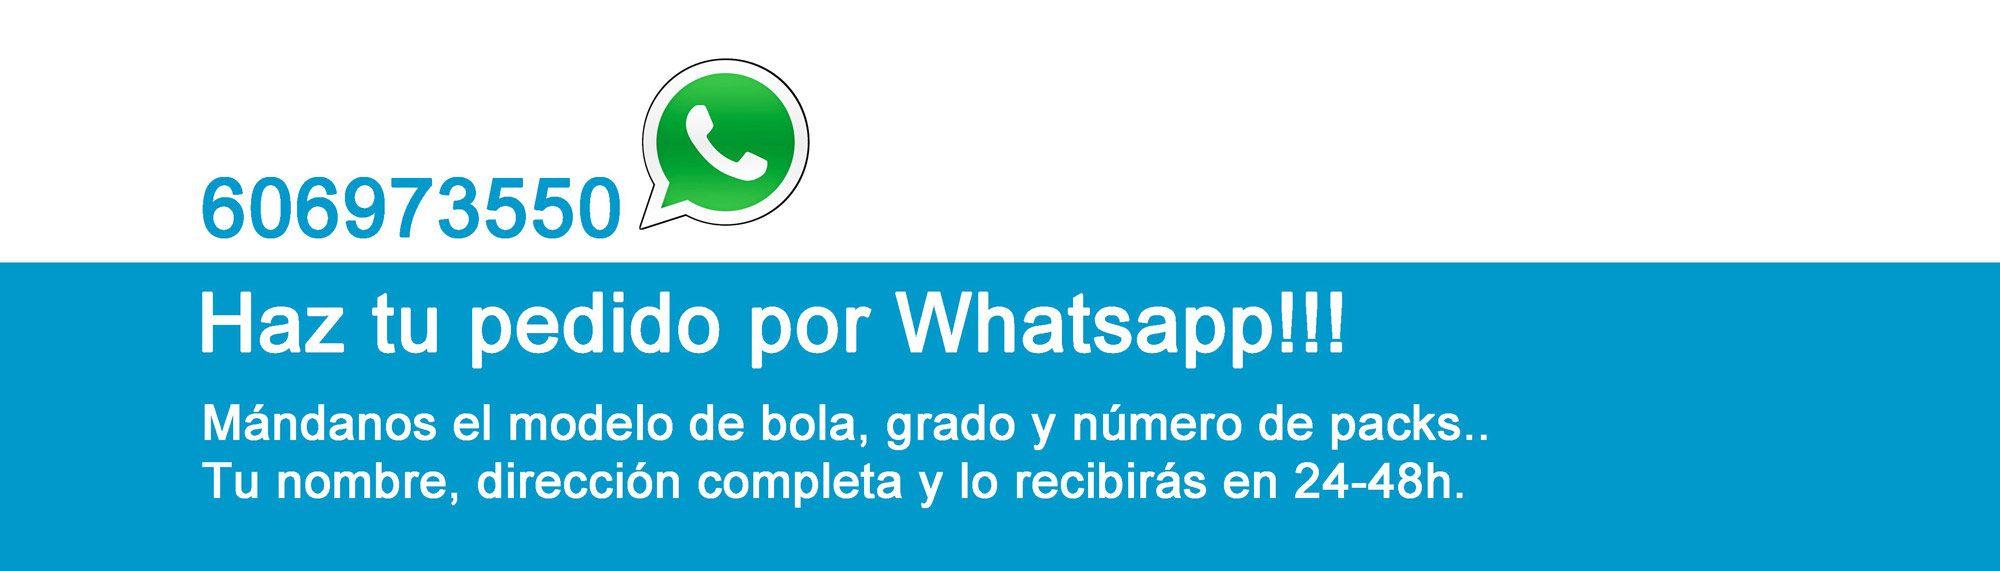 Envio whatapp